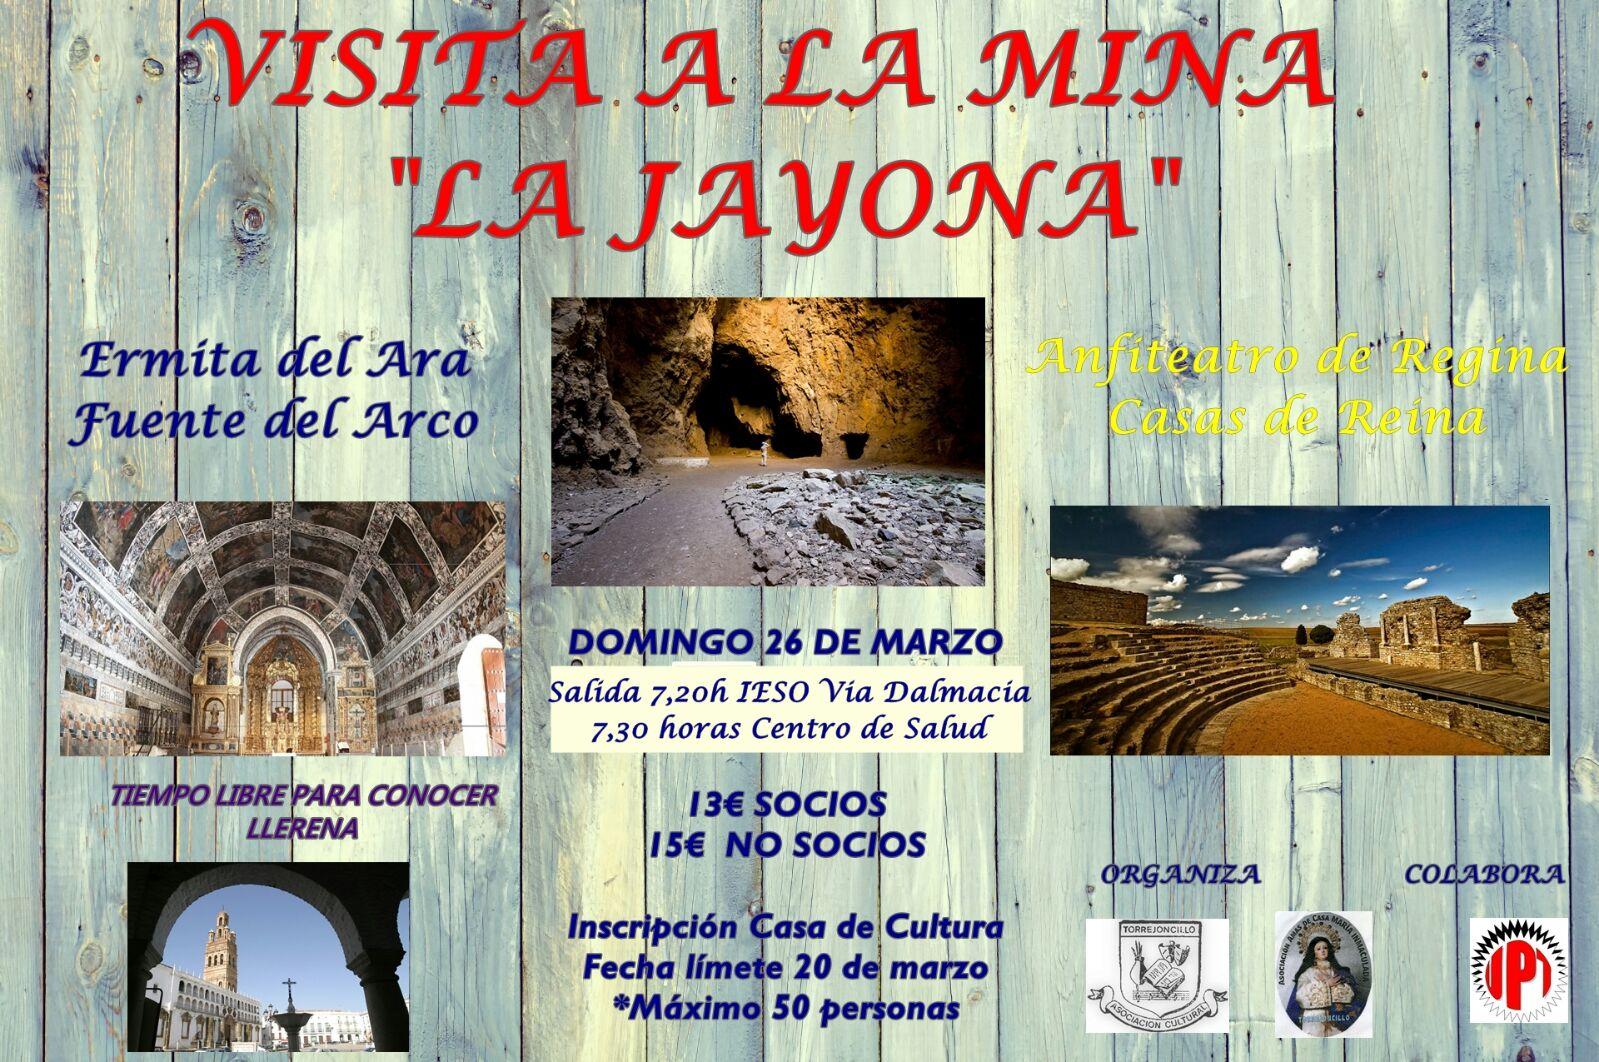 Visitamos la Mina de la Jayona